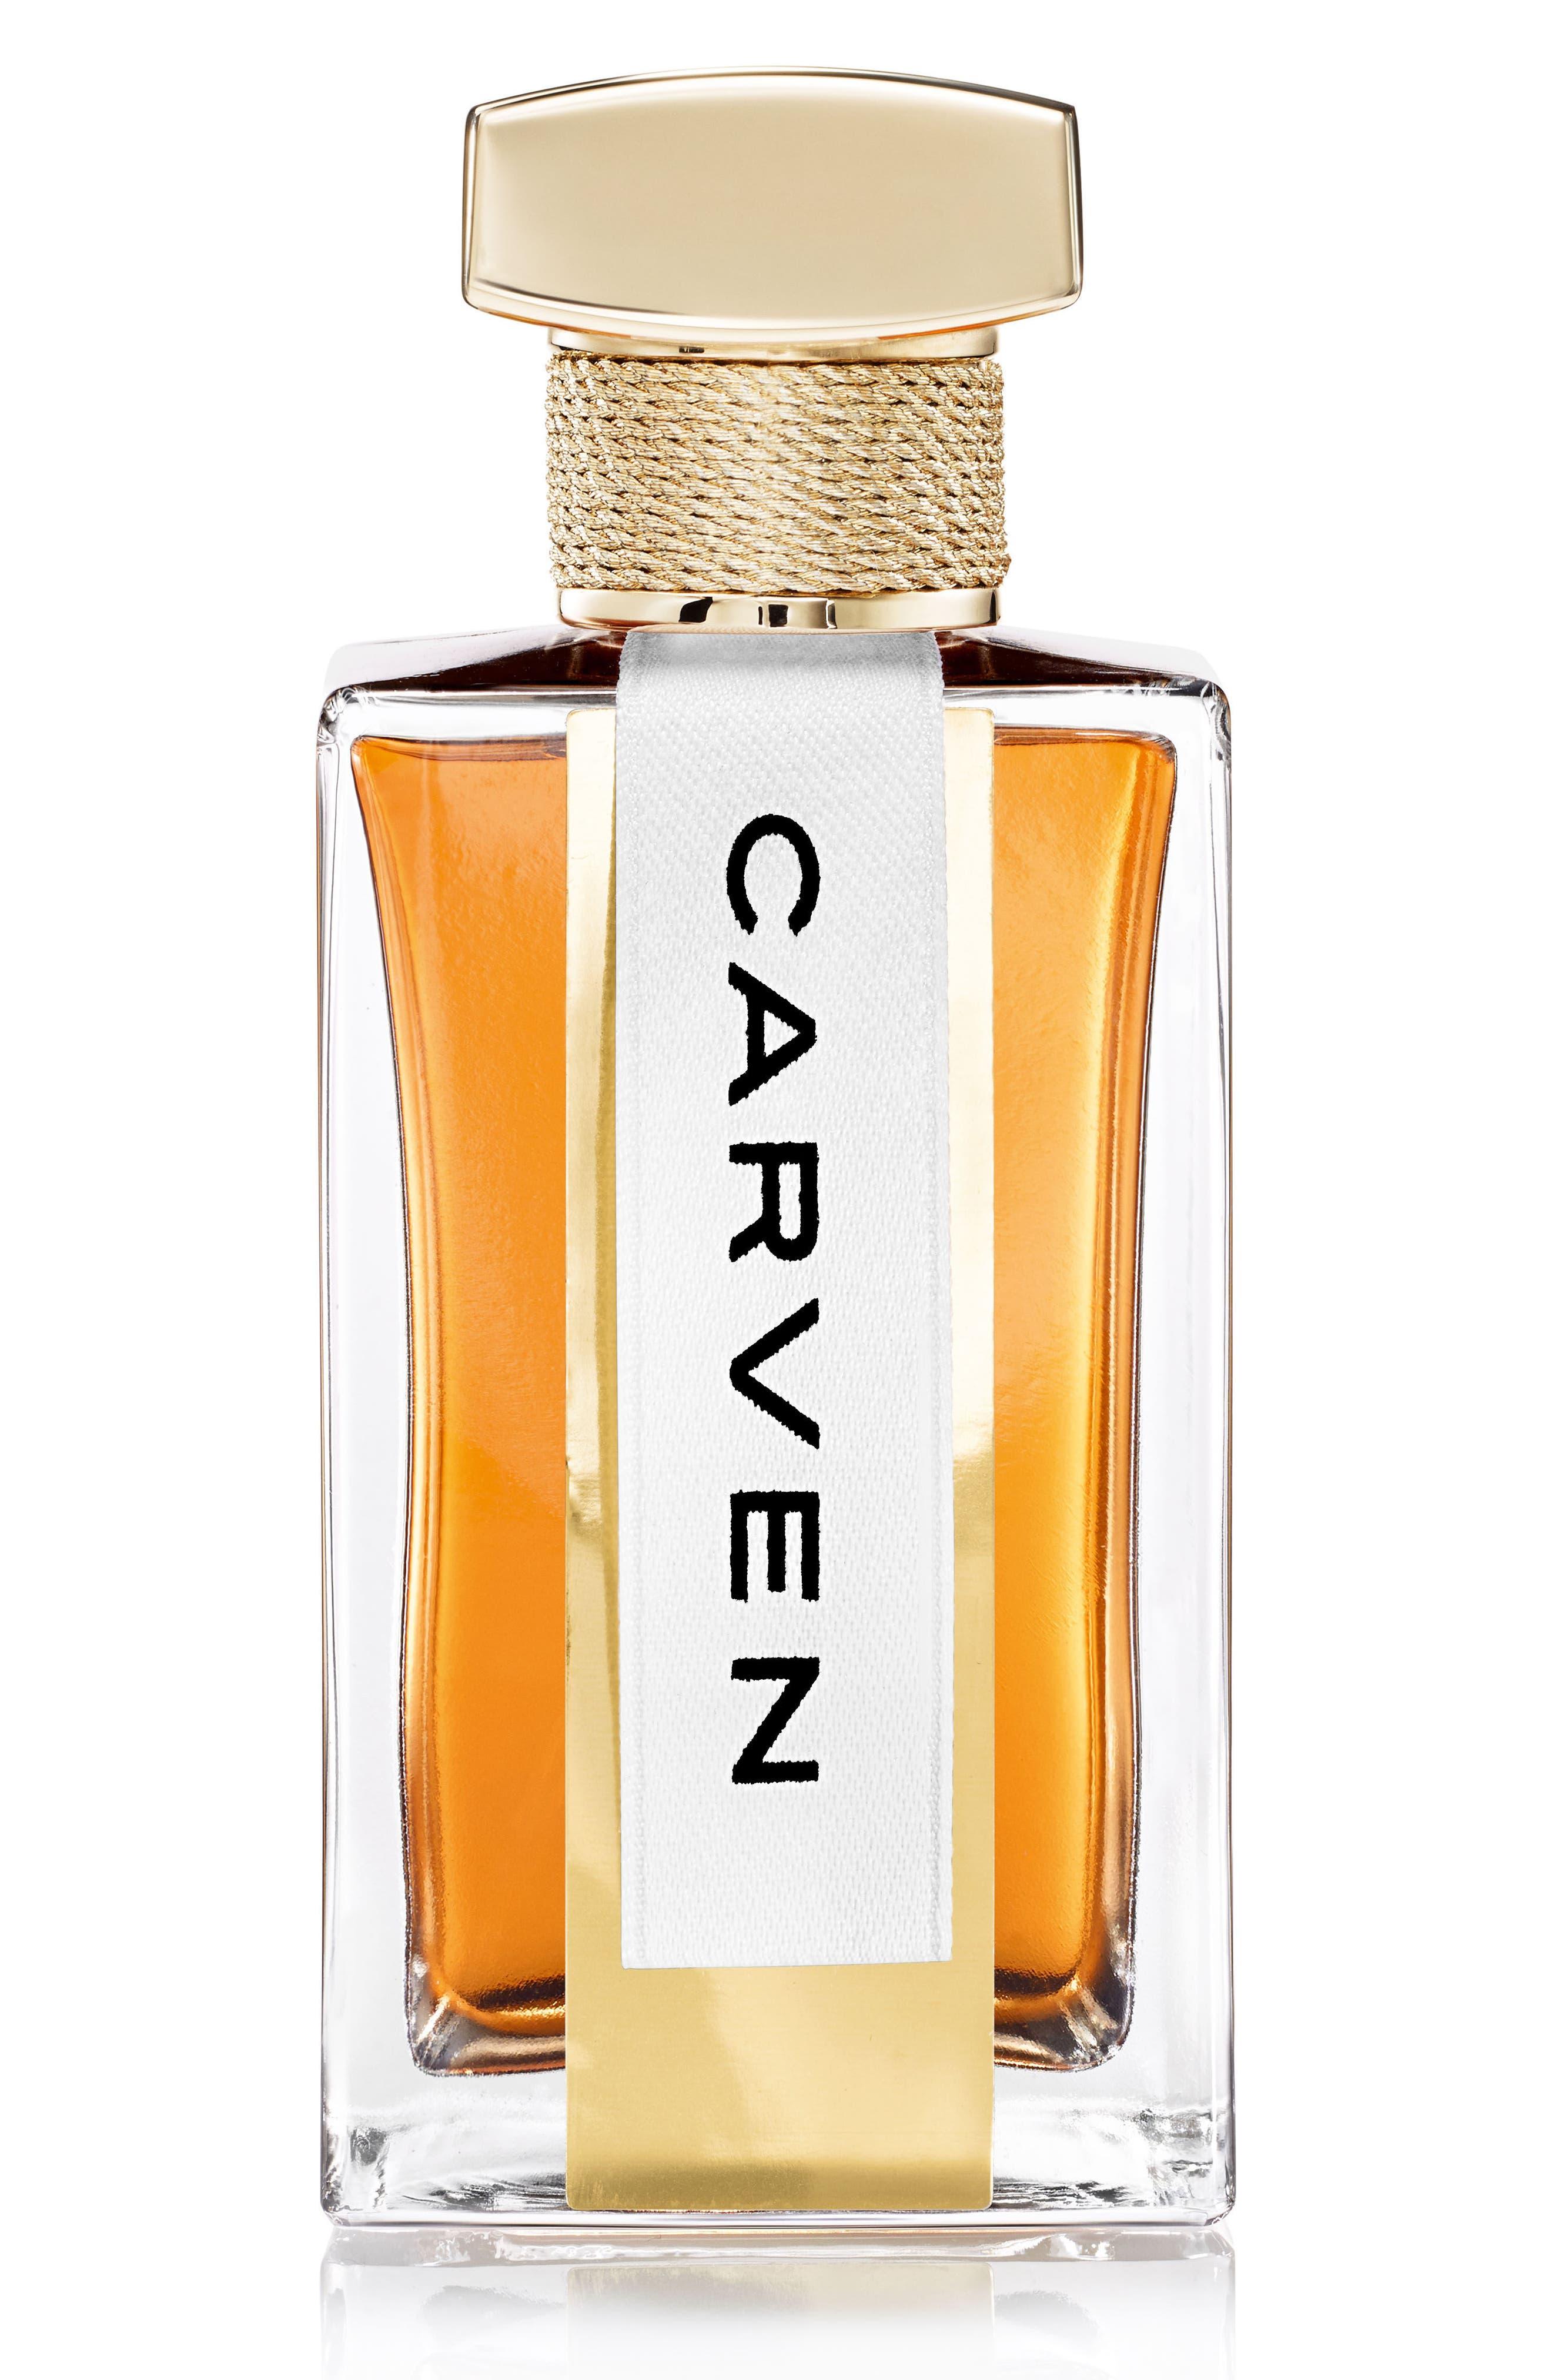 Carven Mascate Eau De Parfum